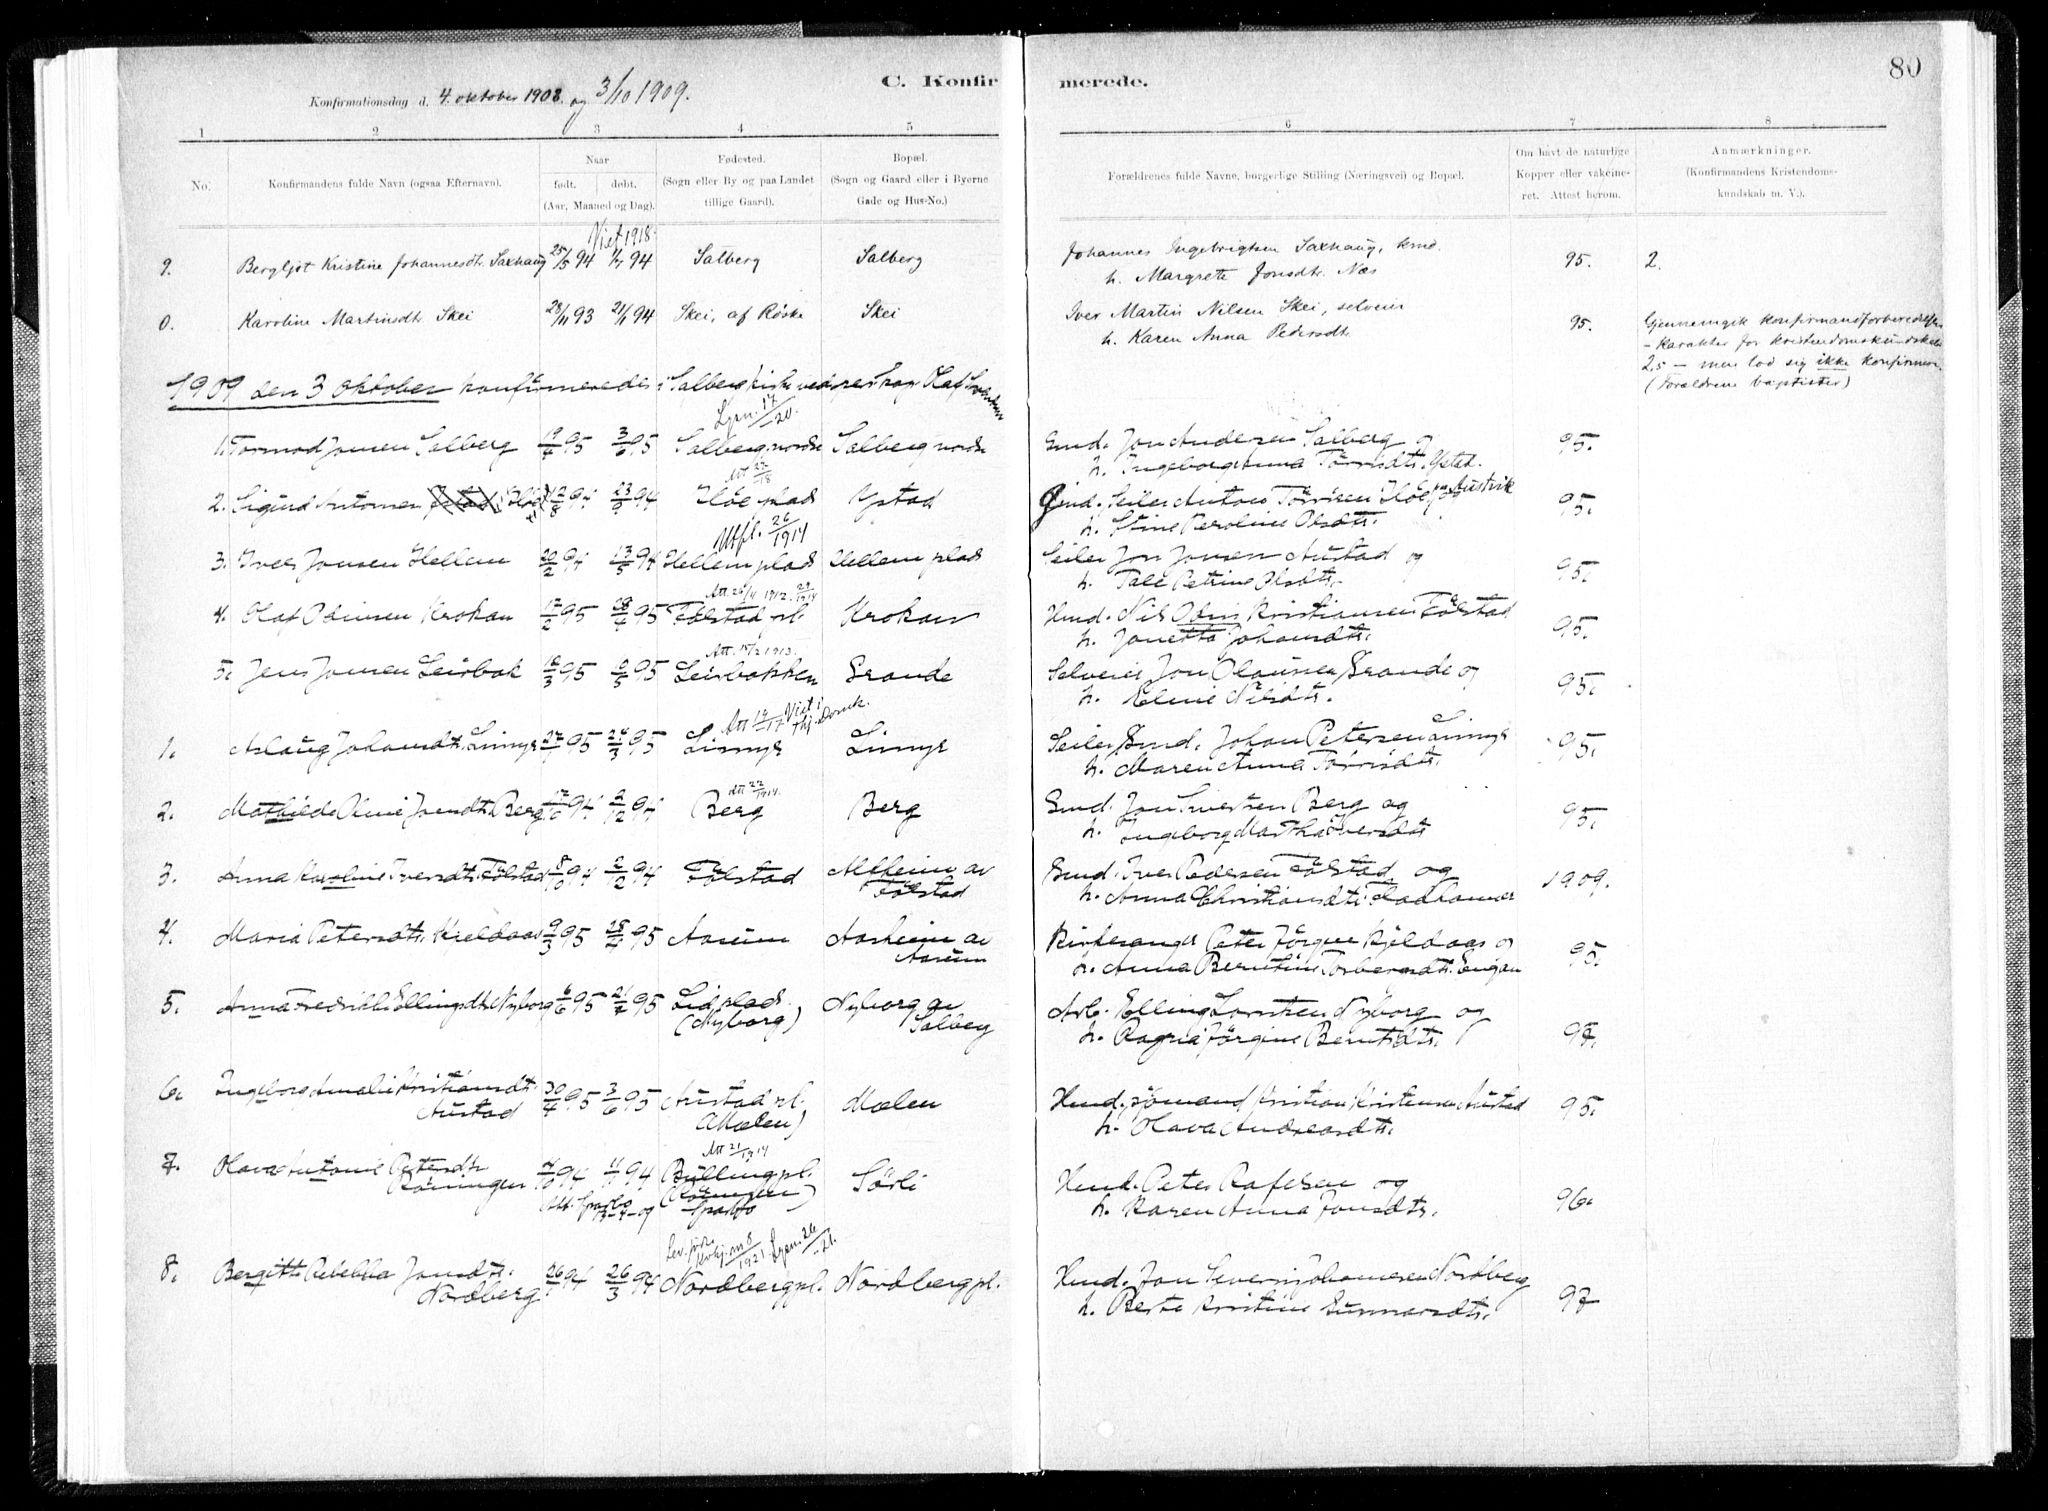 SAT, Ministerialprotokoller, klokkerbøker og fødselsregistre - Nord-Trøndelag, 731/L0309: Ministerialbok nr. 731A01, 1879-1918, s. 80